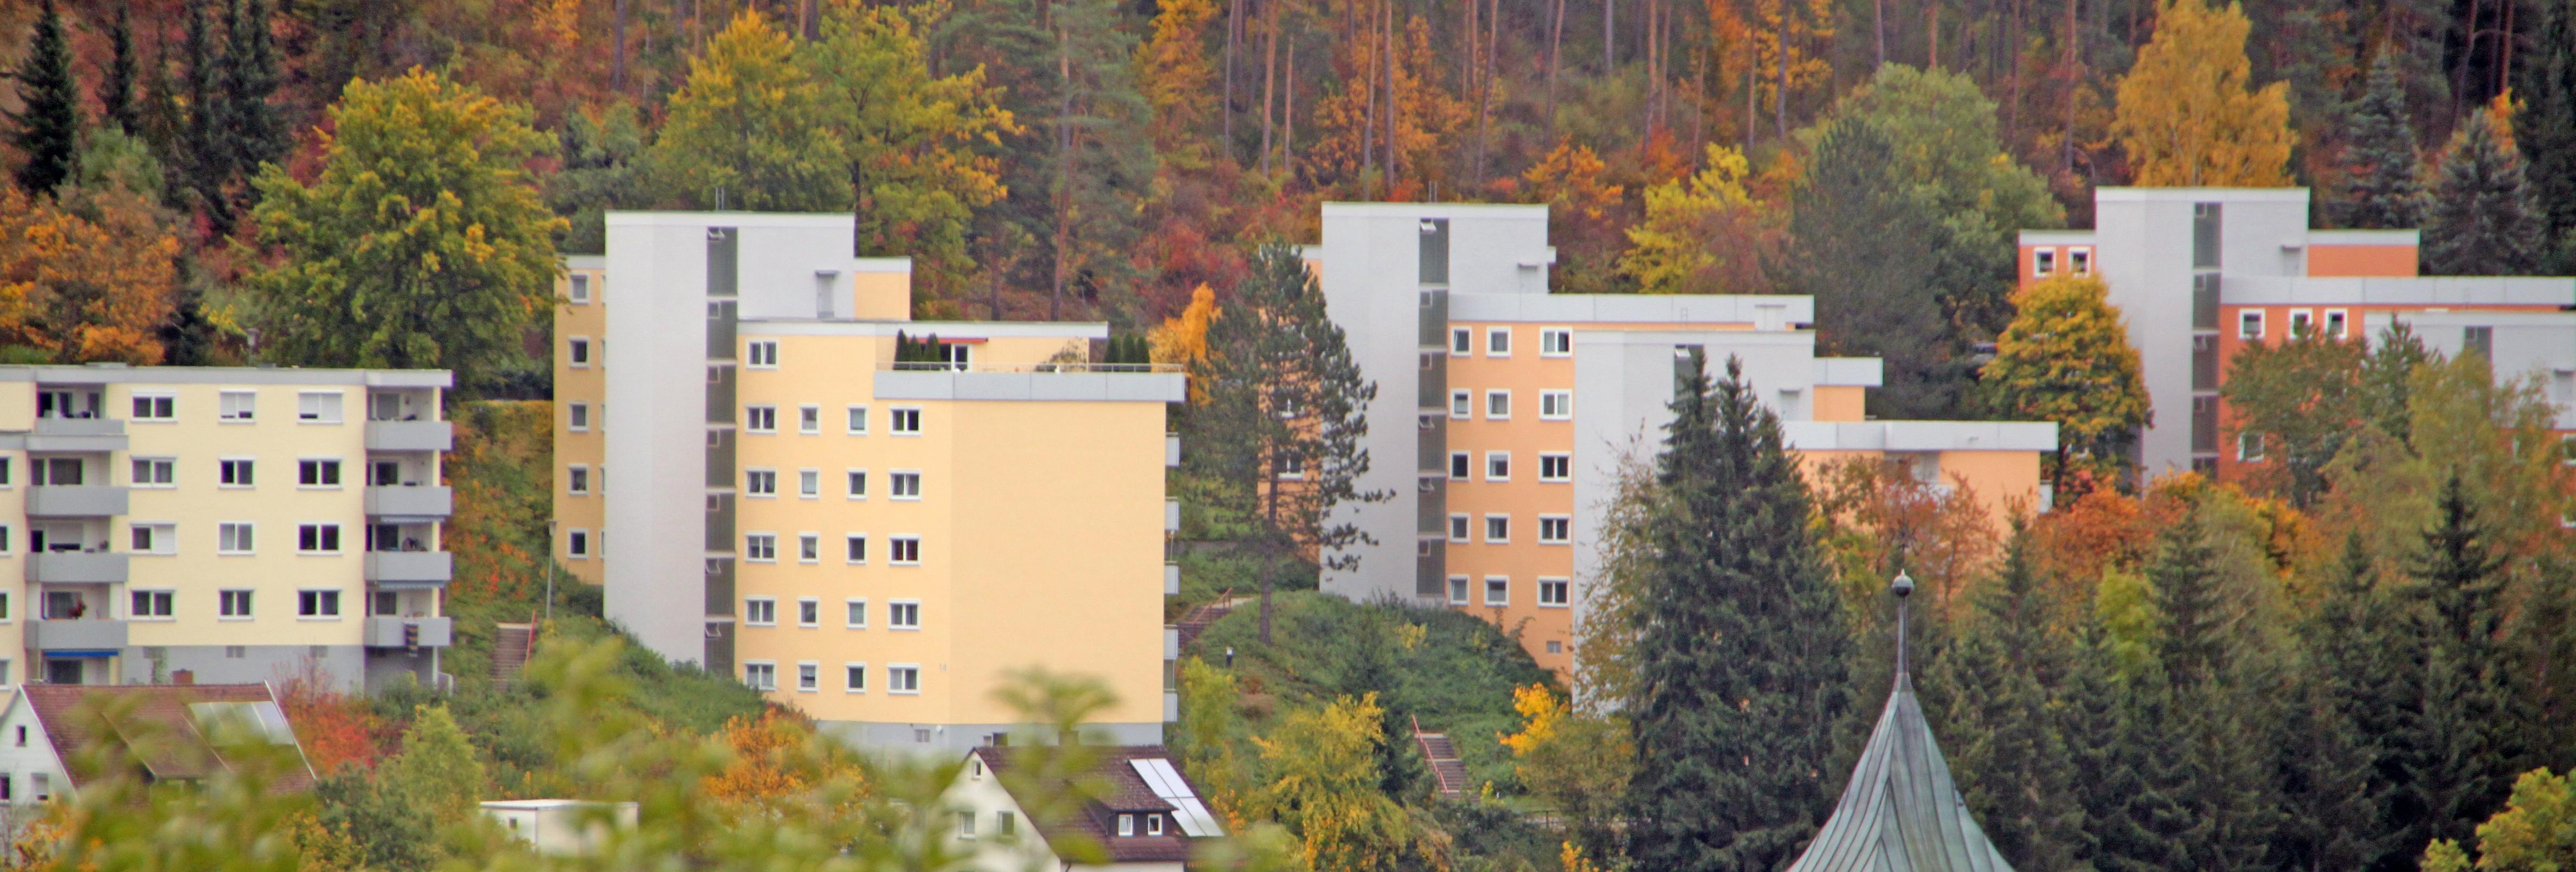 Farbgestaltung_Hochhäuser